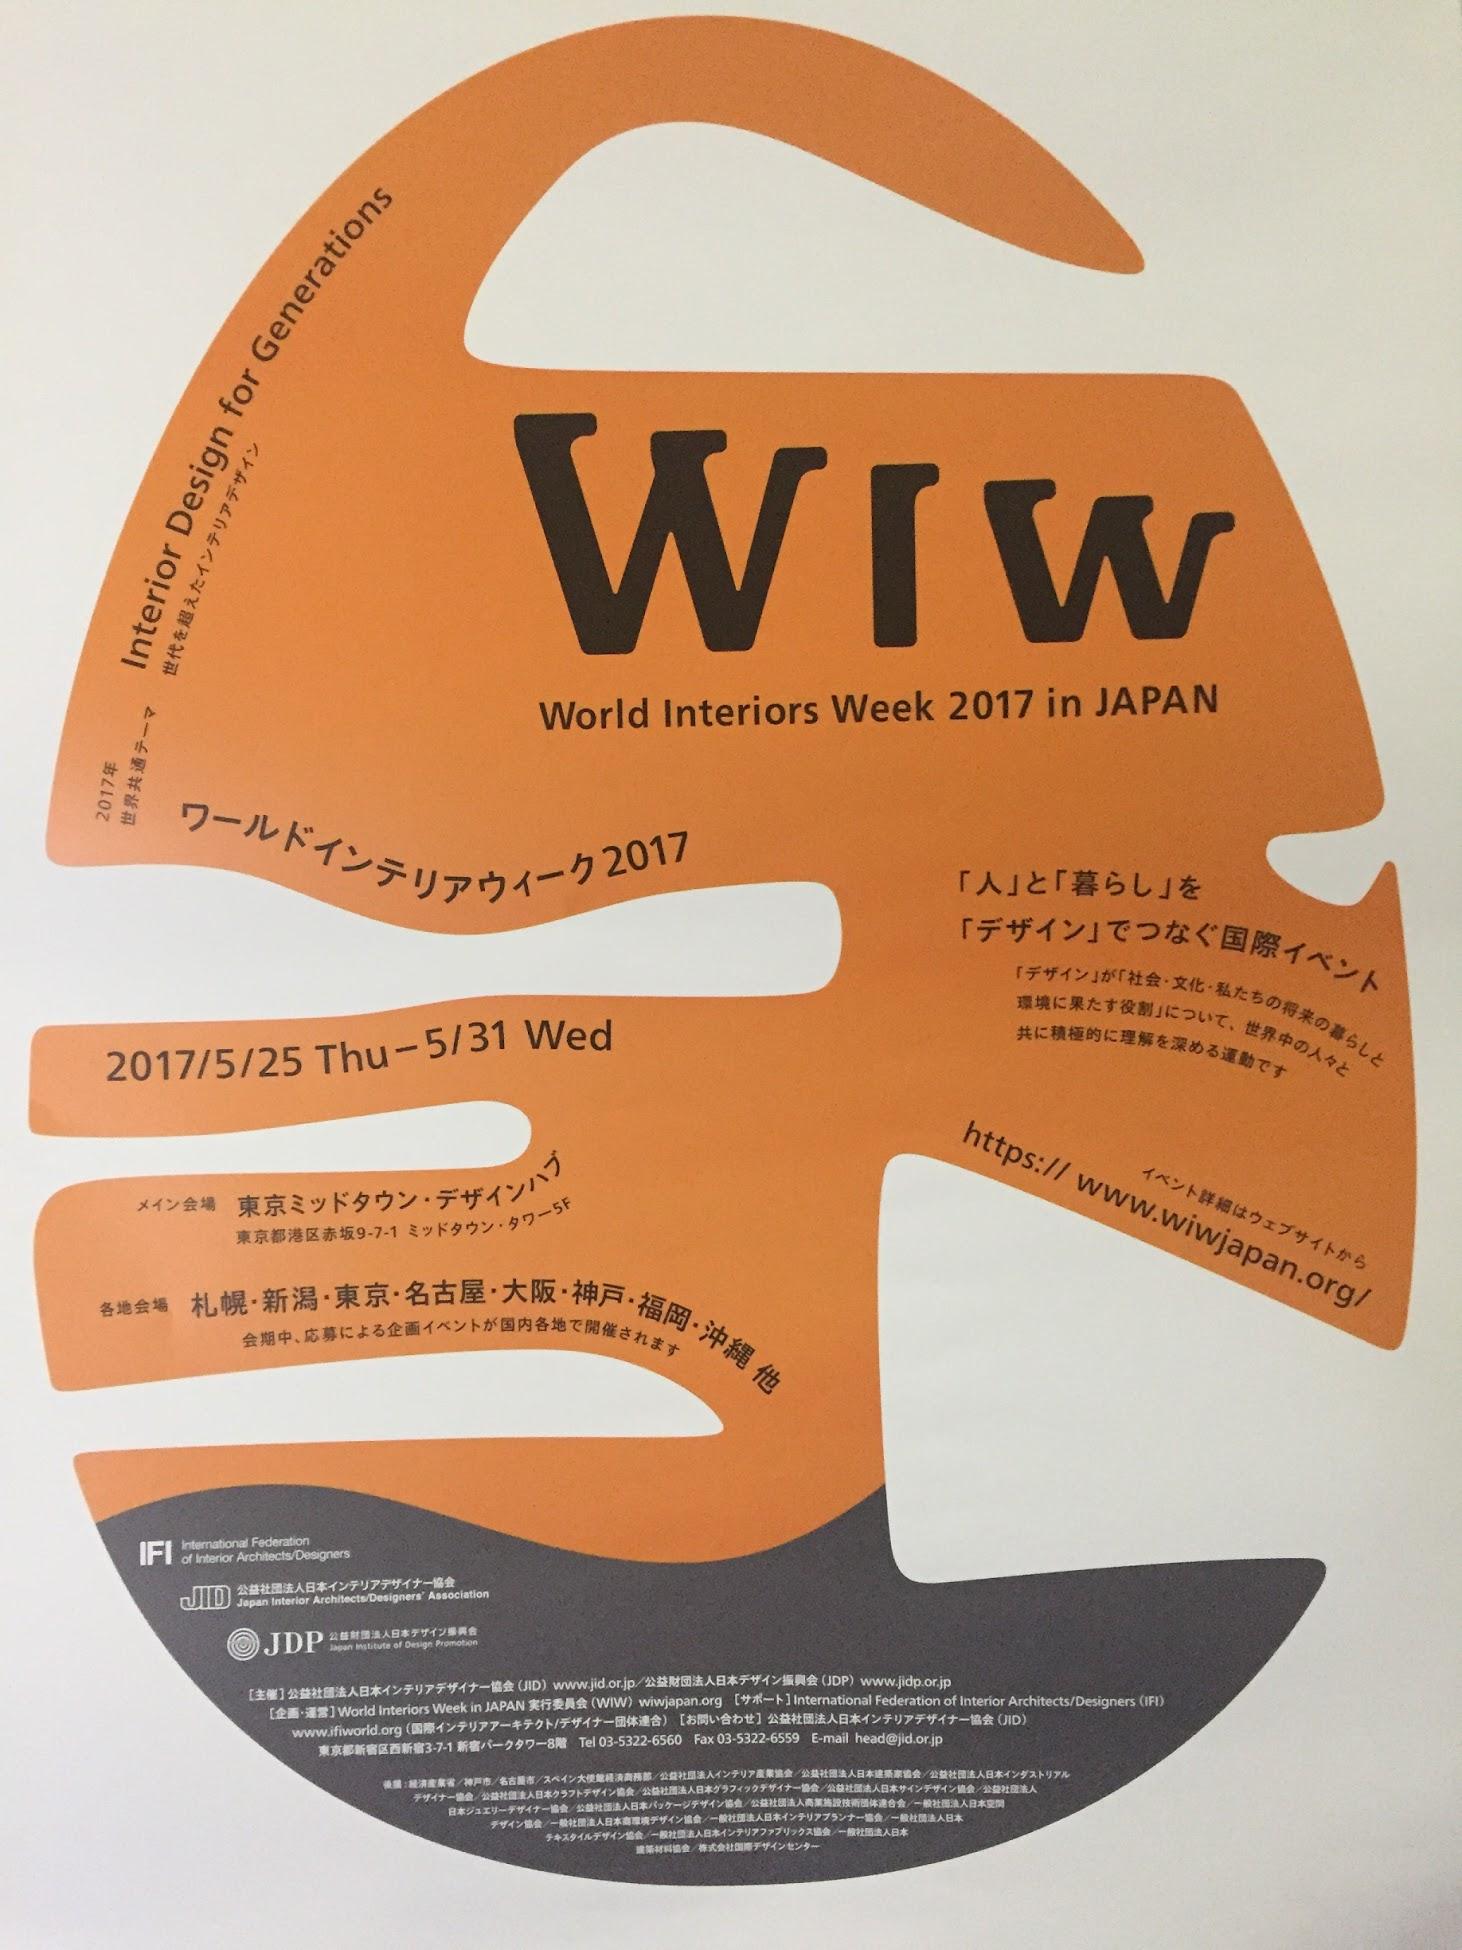 2017年5月25日(木)~5月31日(水) ICSカレッジオブアーツで非常勤講師を勤めて下さっている秋山修治先生が、ワールドインテリアウィーク(WIW)に運営委員として参加します!